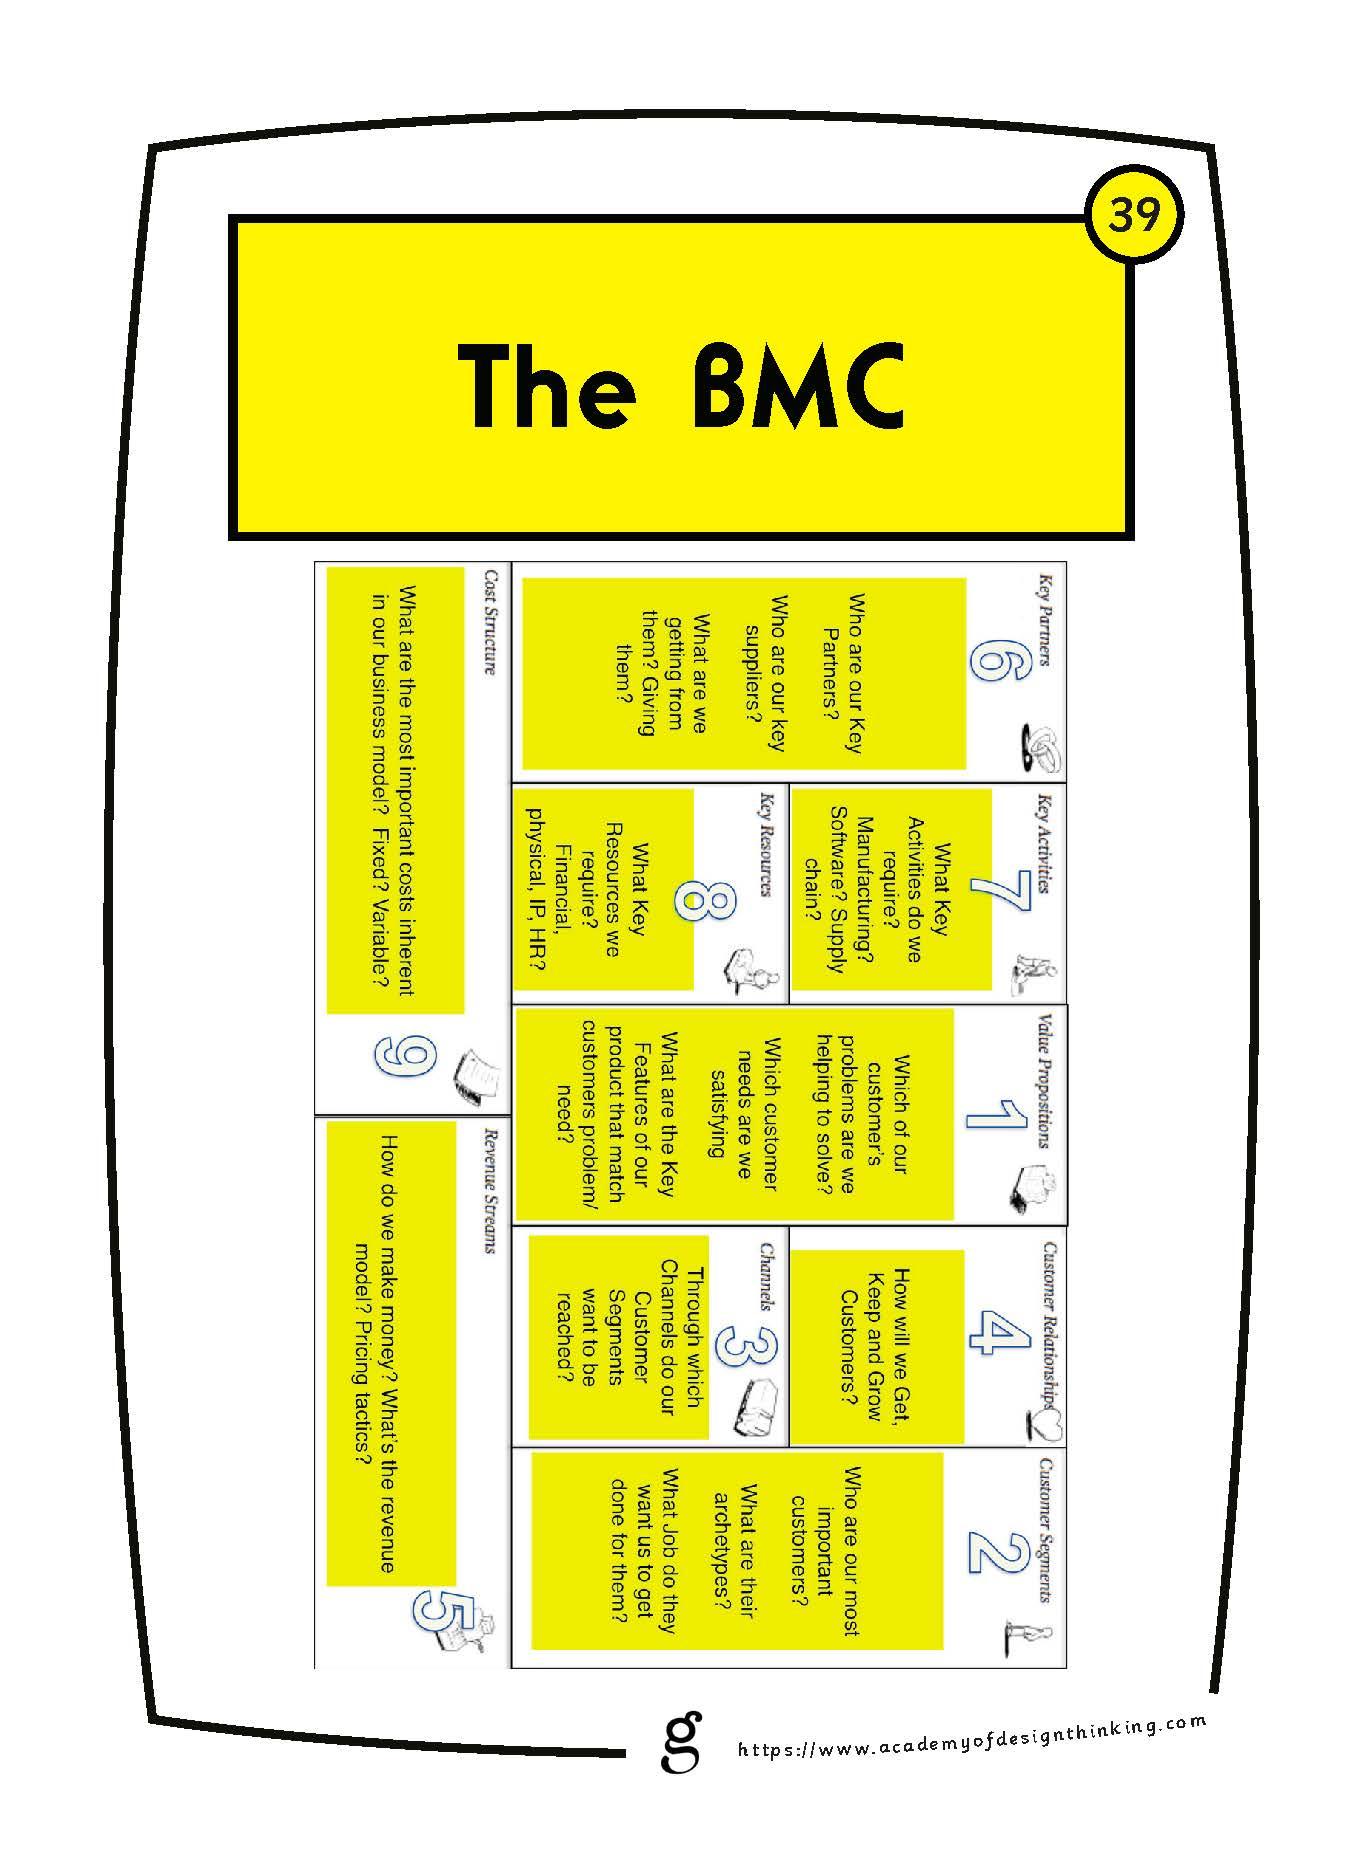 The BMC